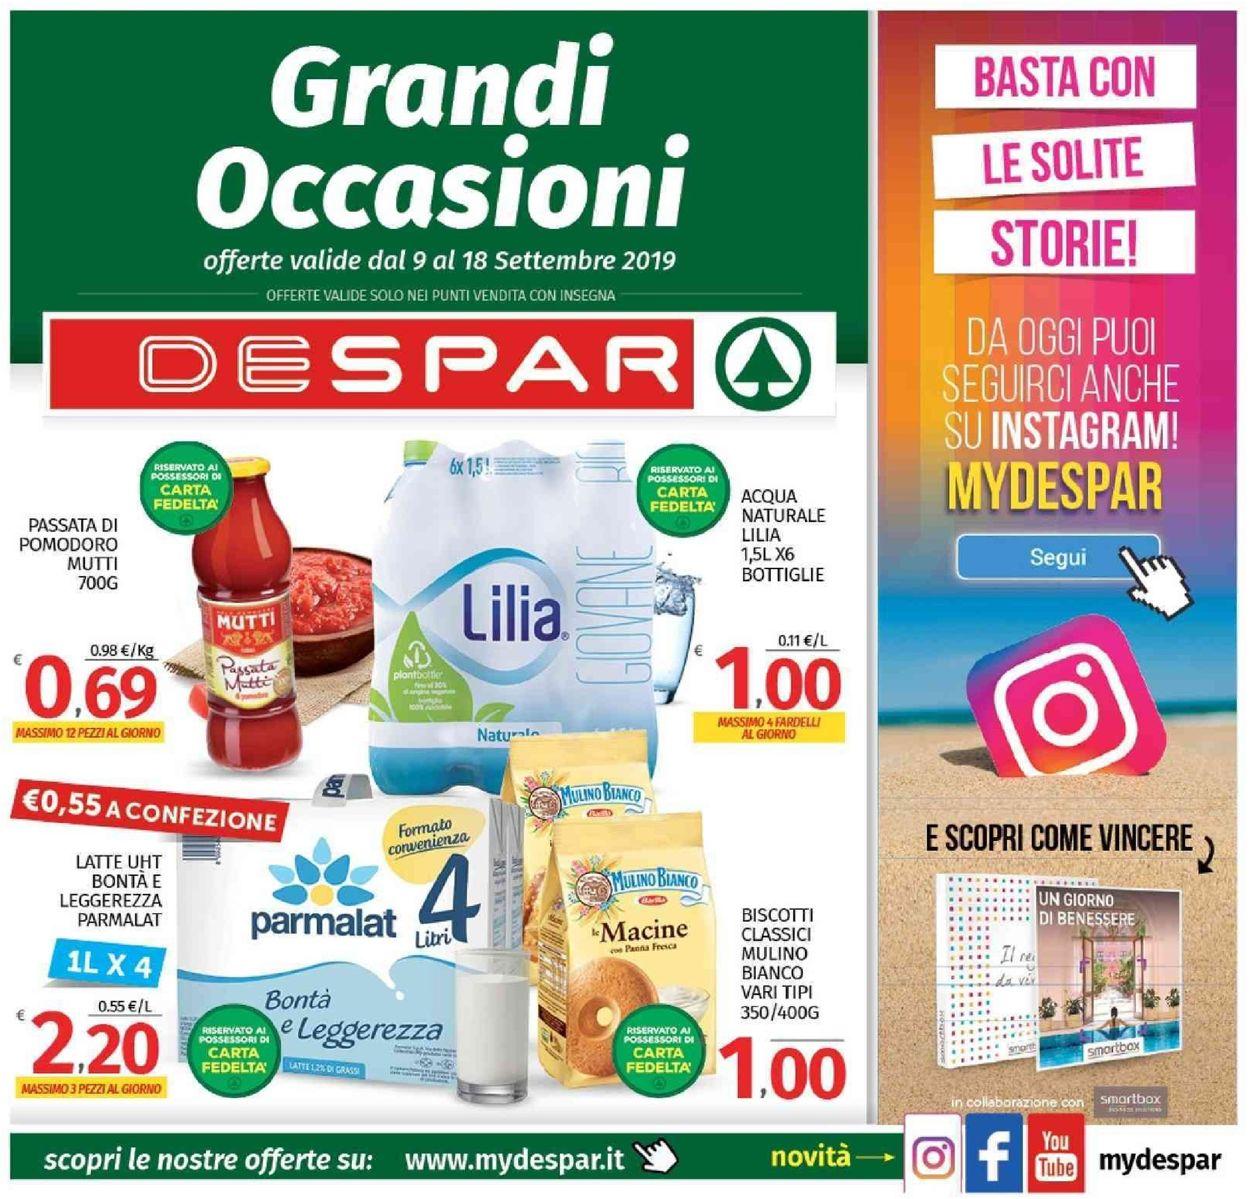 Volantino Despar - Offerte 09/09-18/09/2019